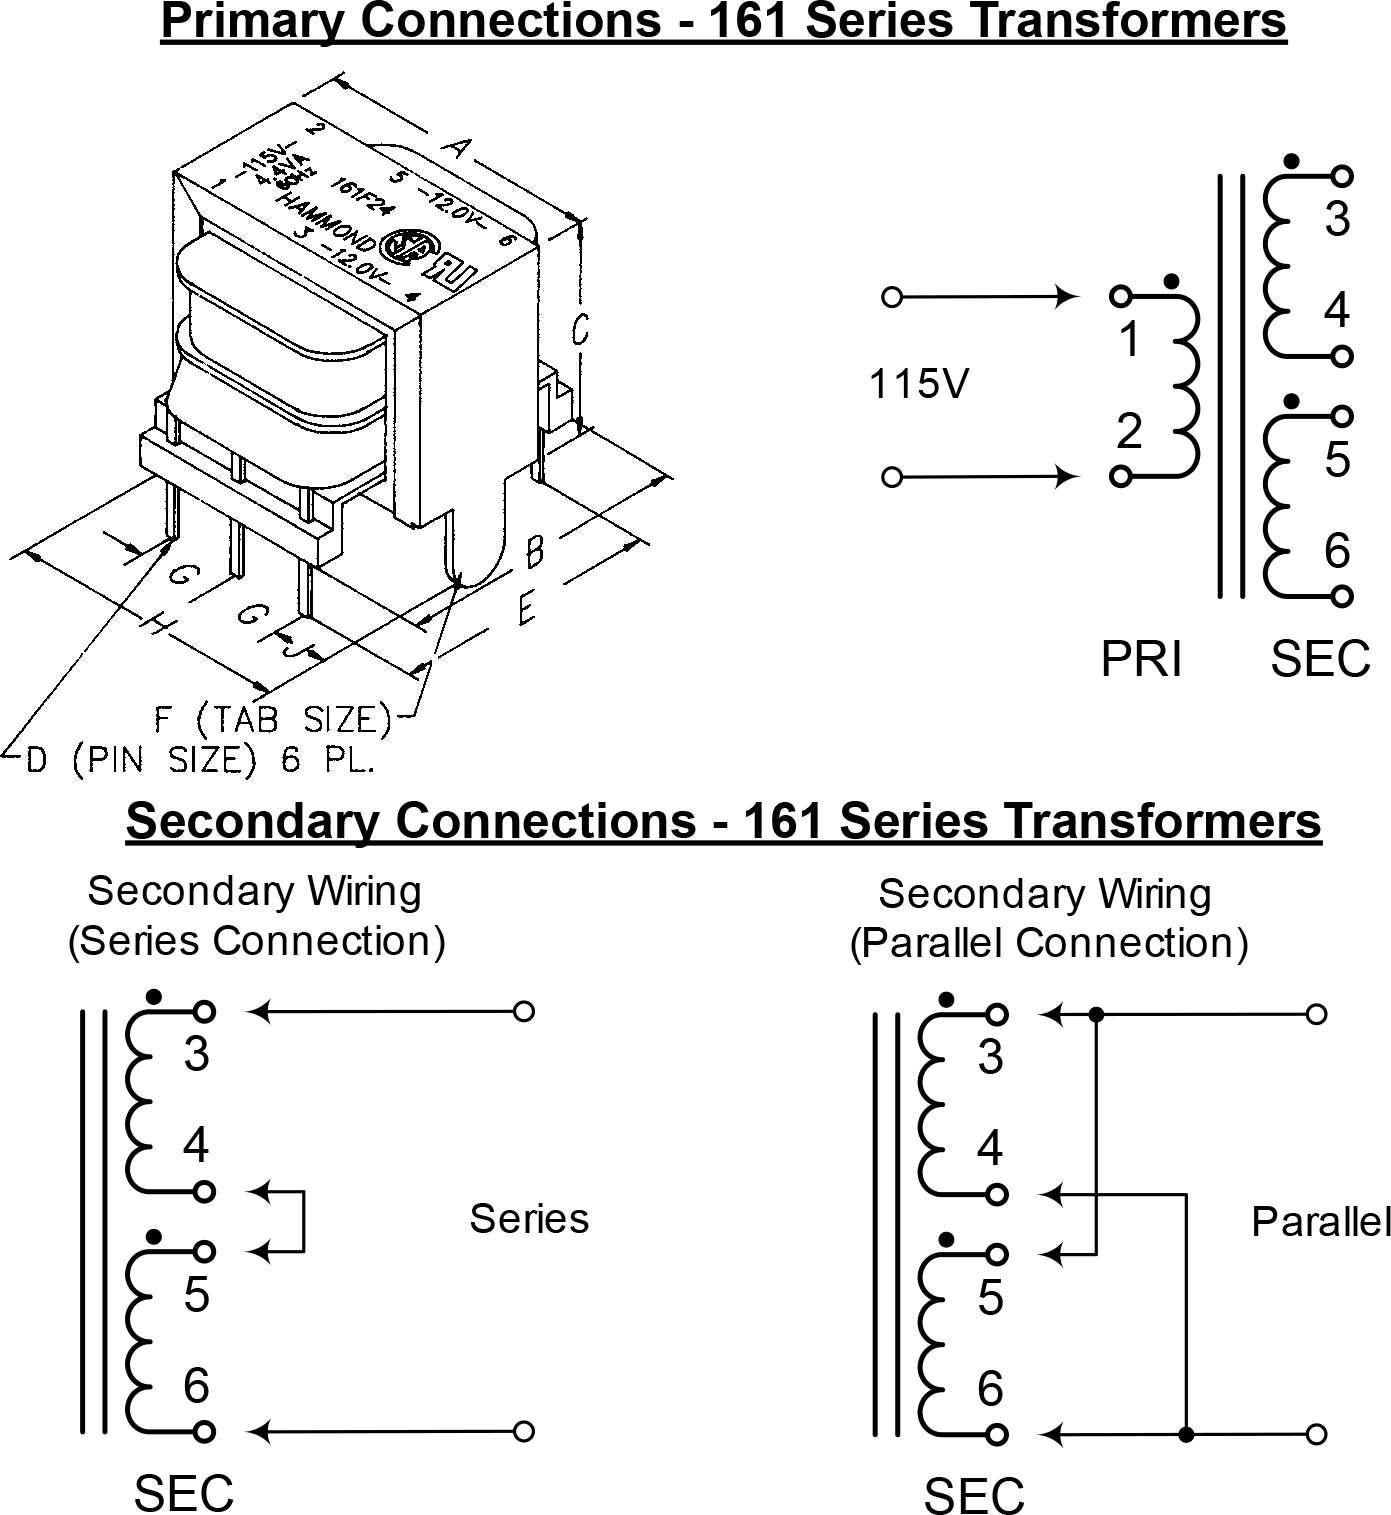 Transformer - Hammond, Power, 115V, 34V/50mA, 1.2VA, 161E24 ... on transformer connection diagrams, transformer hook up diagrams, hammond organ schematic diagrams, 12 phase transformer diagrams, hammond parts wiring diagrams, isolation transformer wiring diagrams, electrical schematic diagrams, hammond organ wiring-diagram, jefferson transformer wiring diagrams,